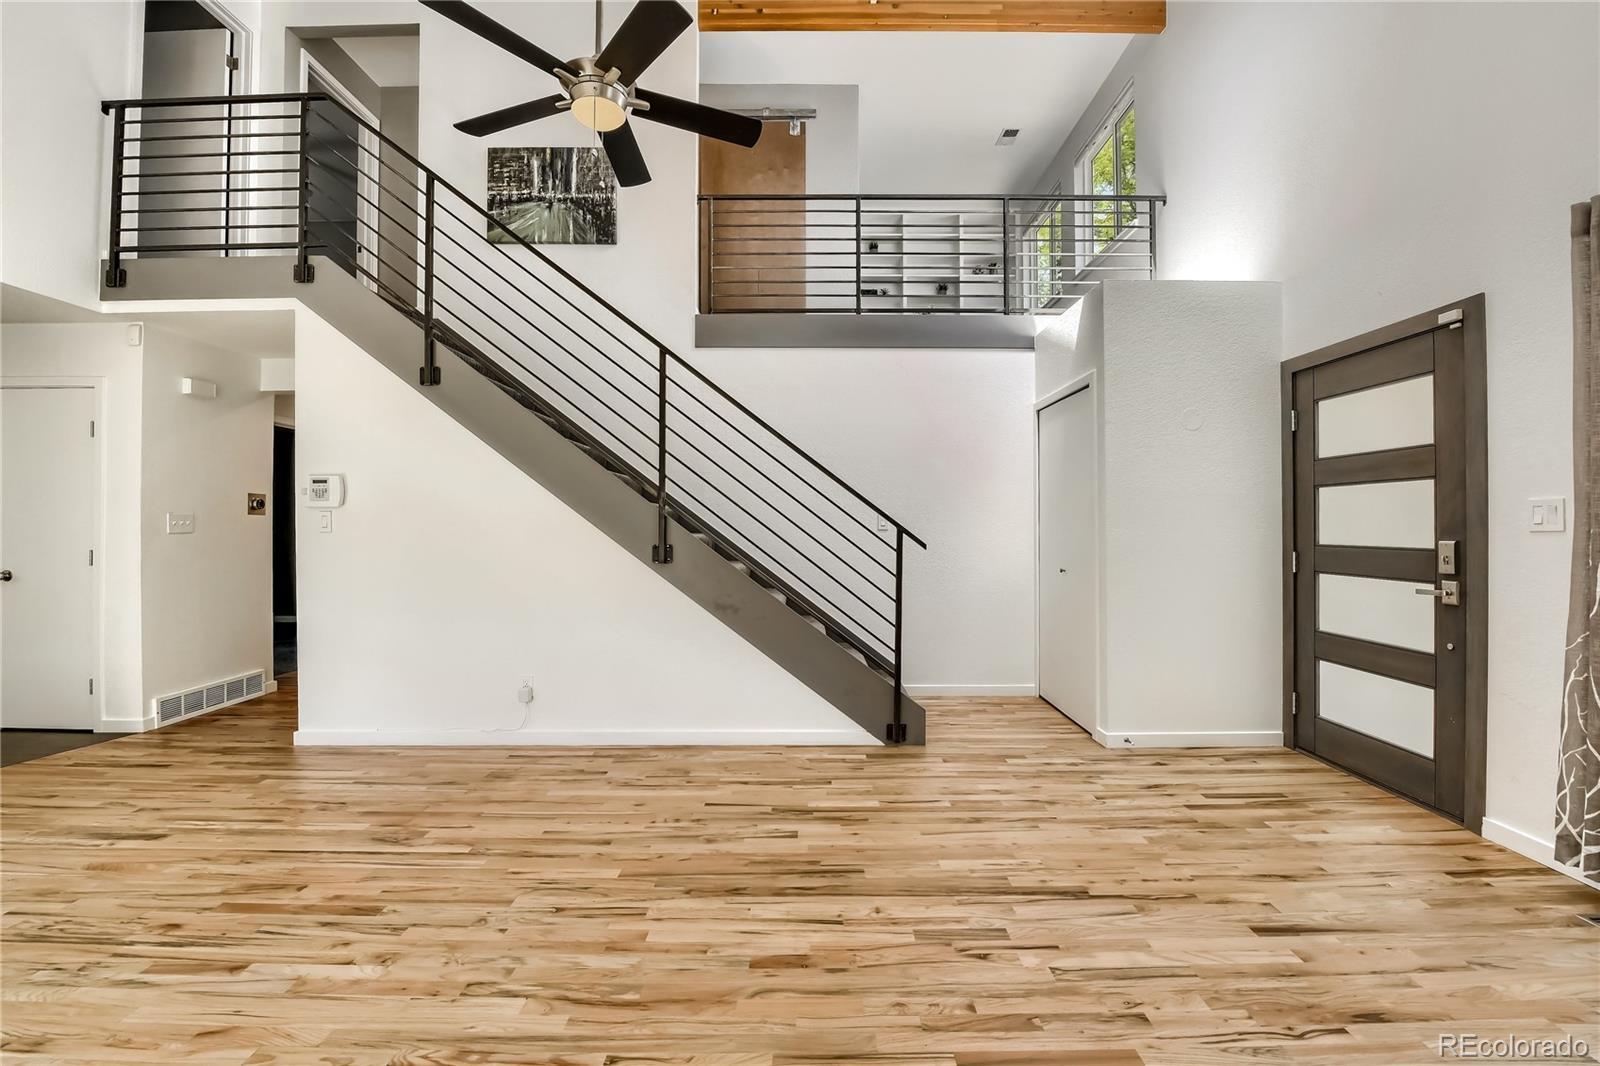 MLS# 4714153 - 7 - 4131 Amber Street, Boulder, CO 80304